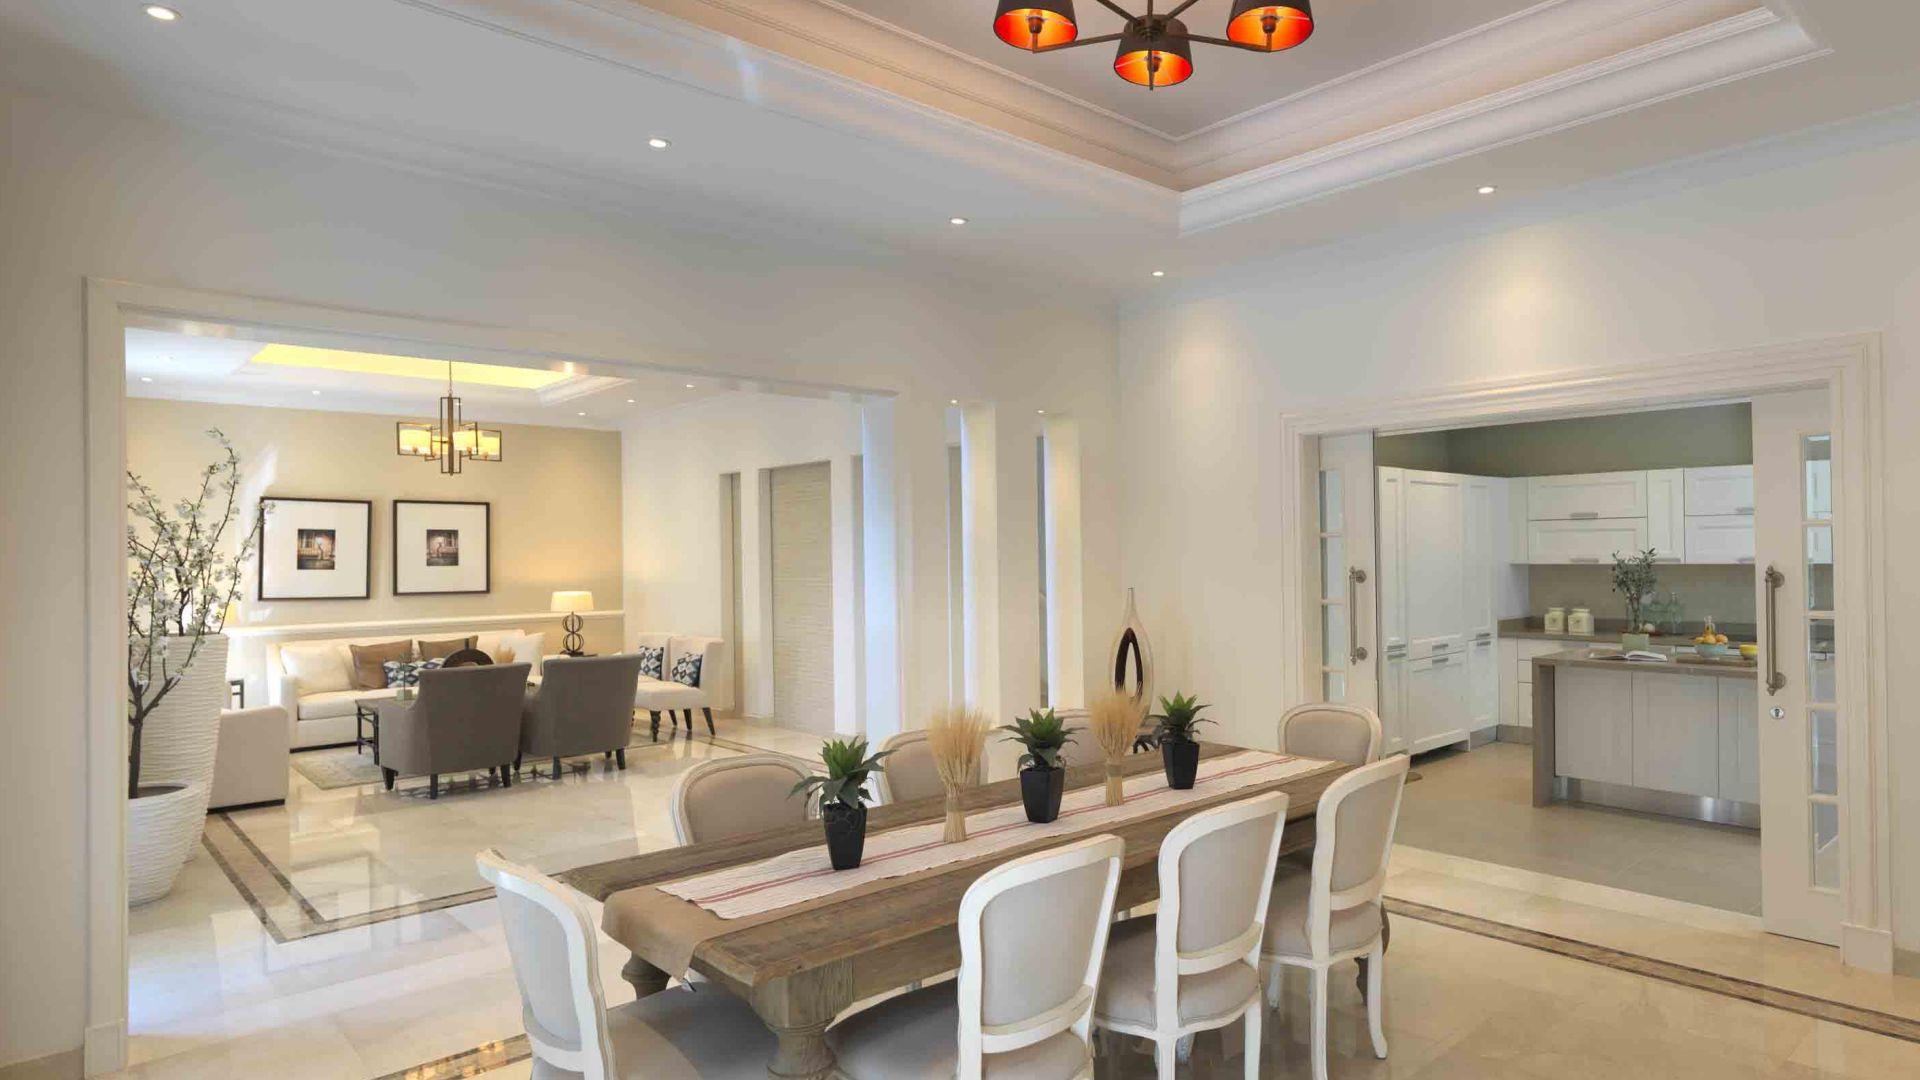 Villa en venta en Dubai, EAU, 5 dormitorios, 804 m2, № 24430 – foto 3